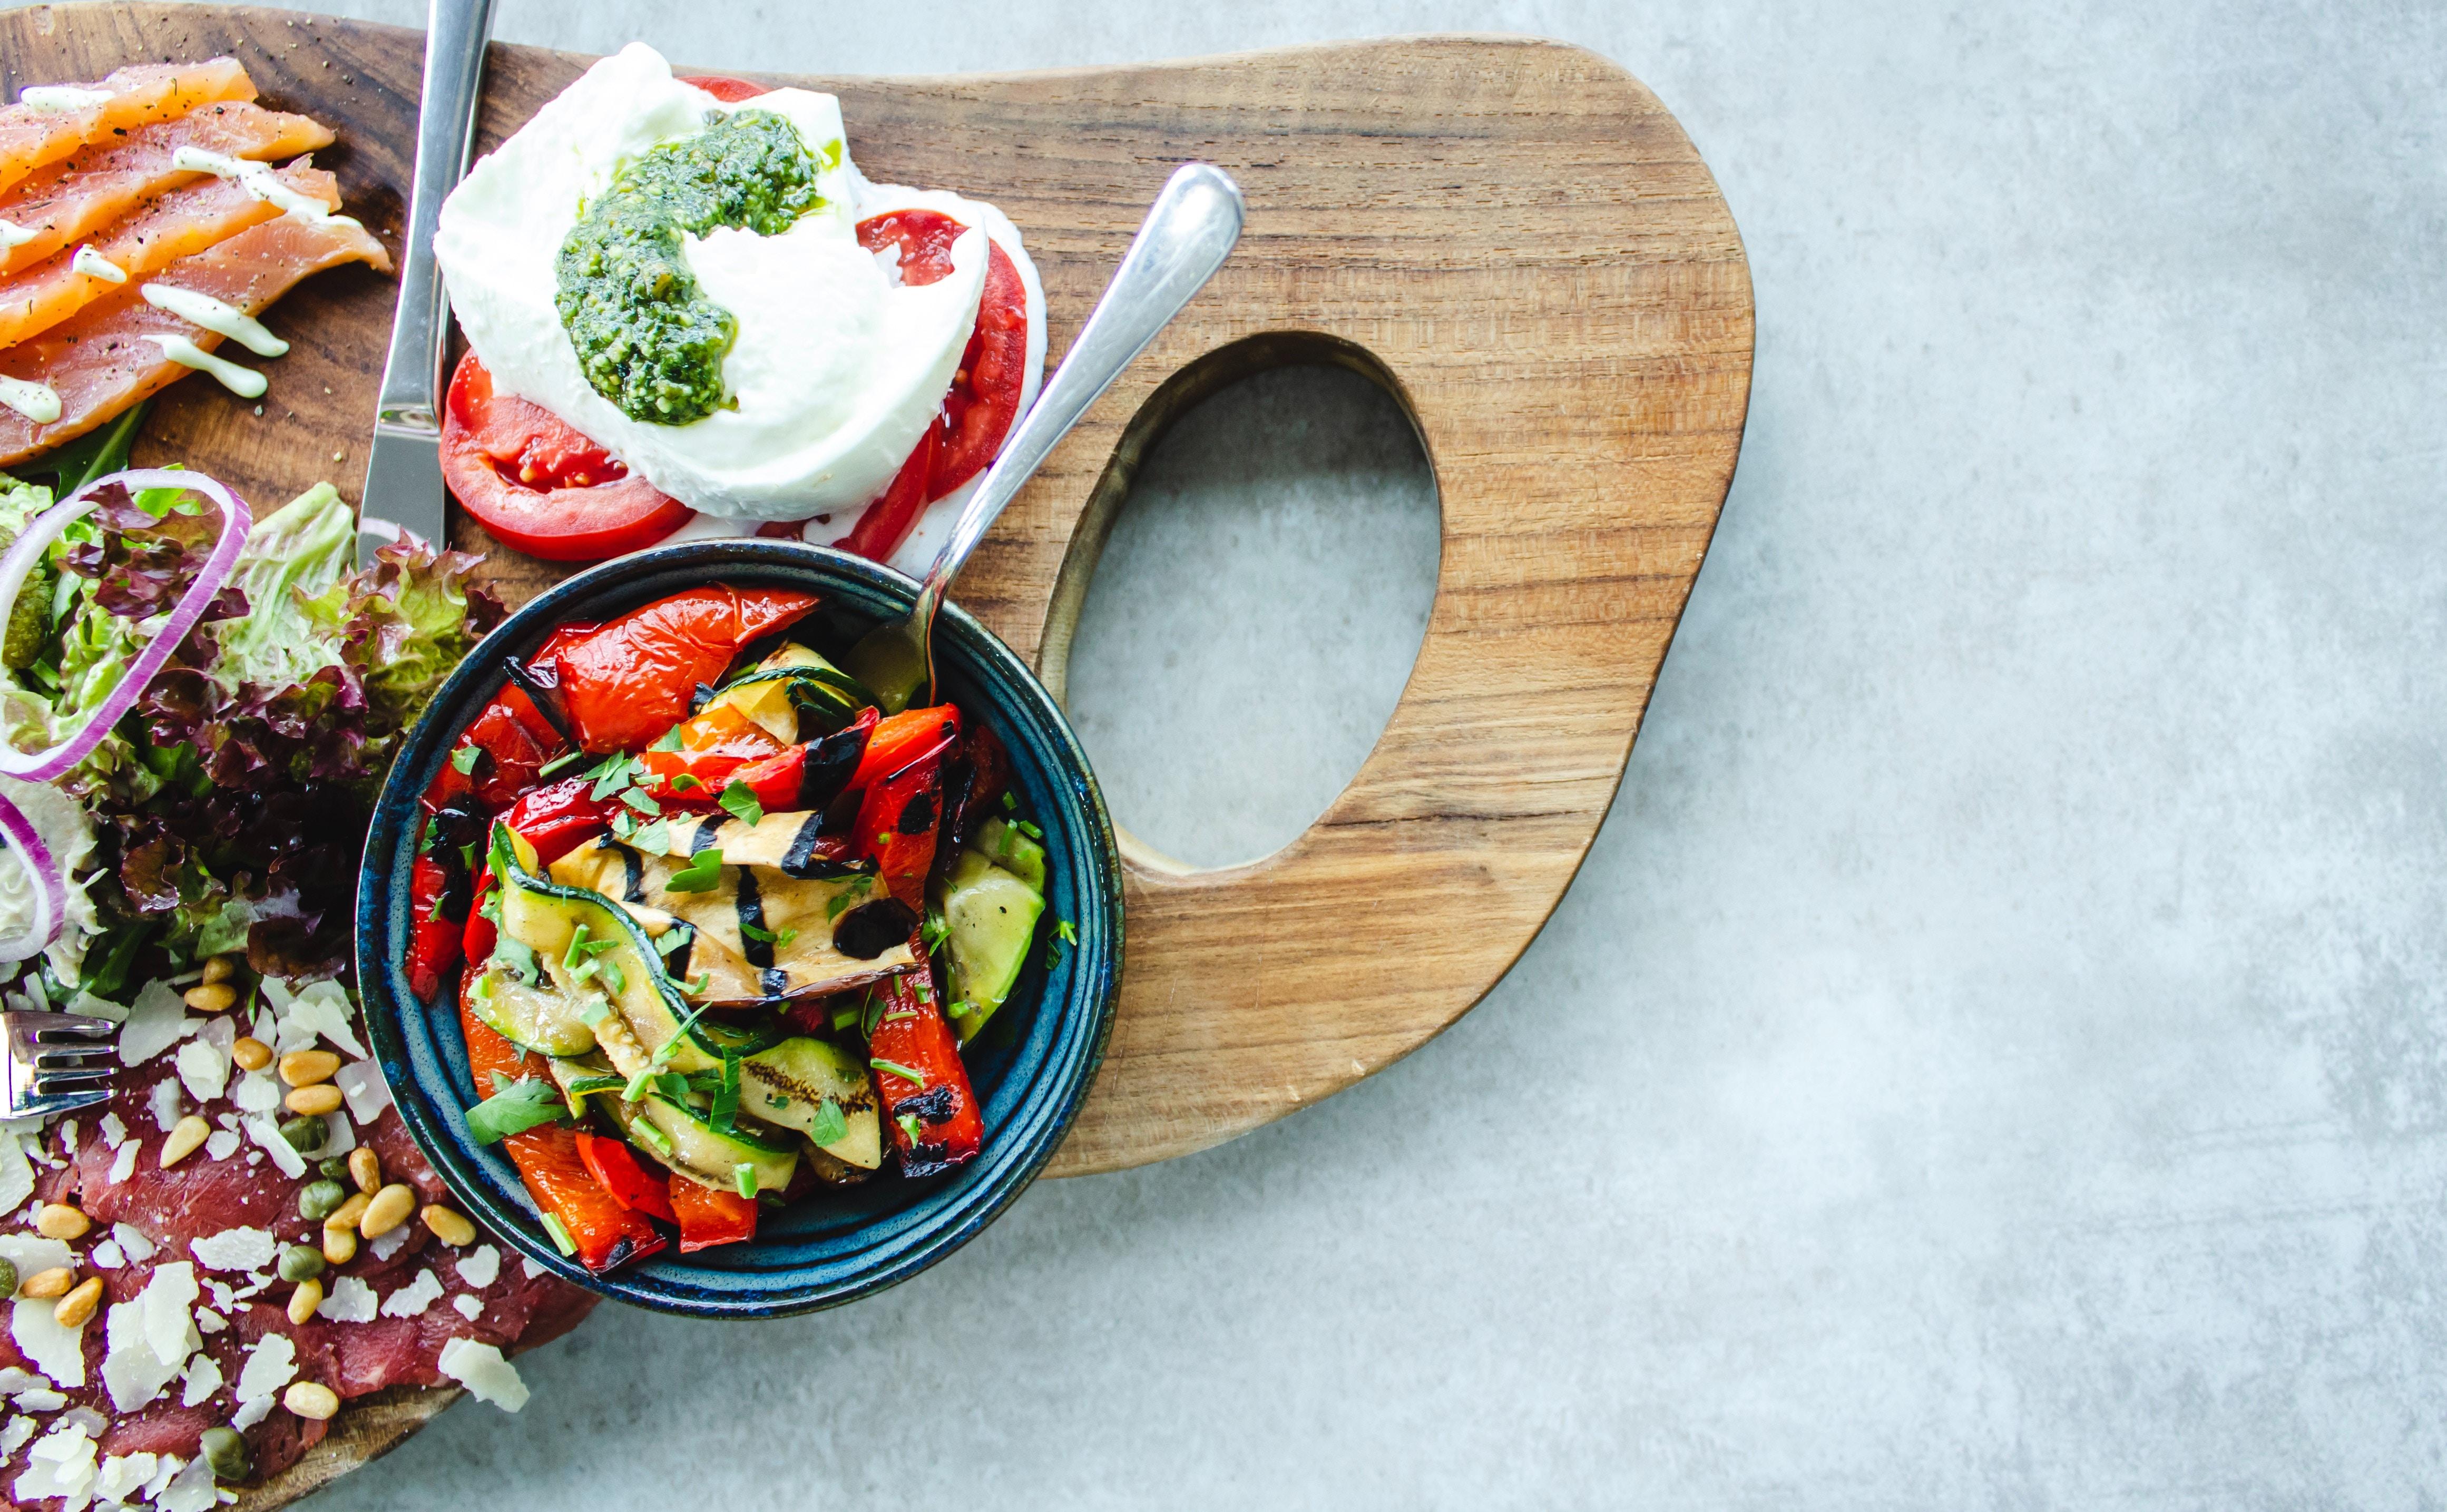 Zdrowa dieta wegetariańska wpływa na poprawę naszego samopoczucia, wyglądu i zmniejsza ryzyko zachorowań na różne choroby